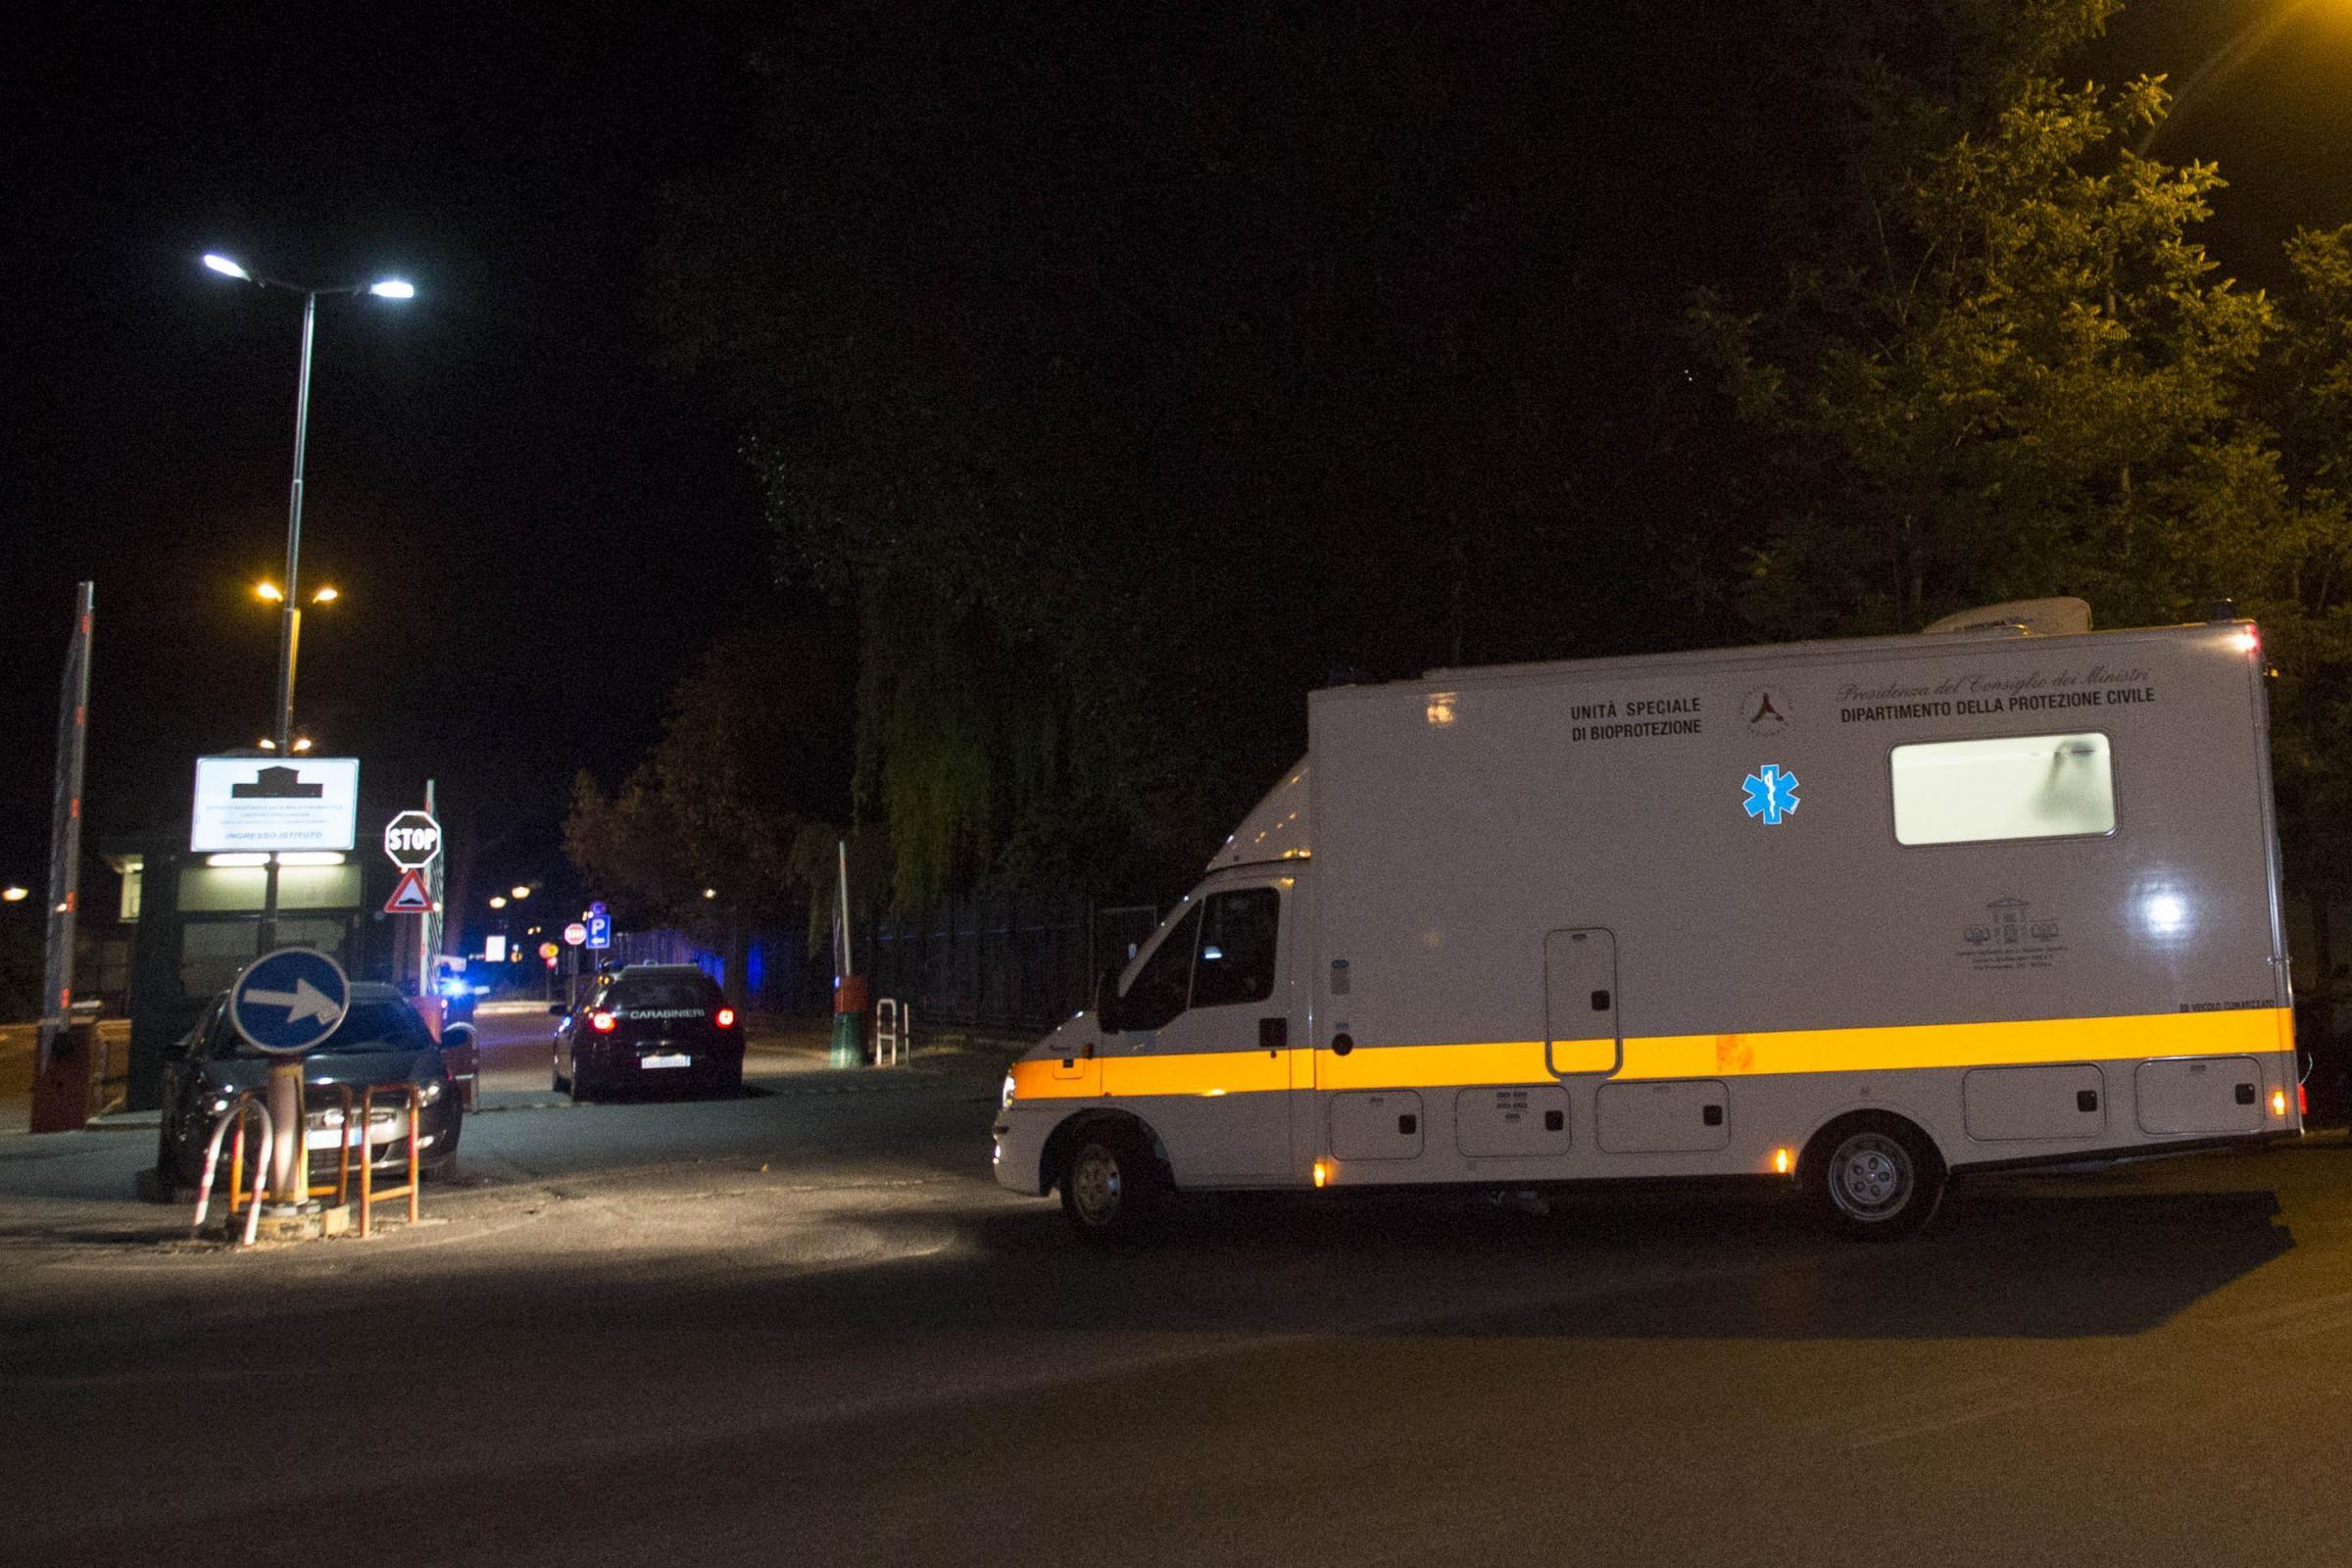 Roma, si uccide dandosi fuoco all'ospedale Spallanzani